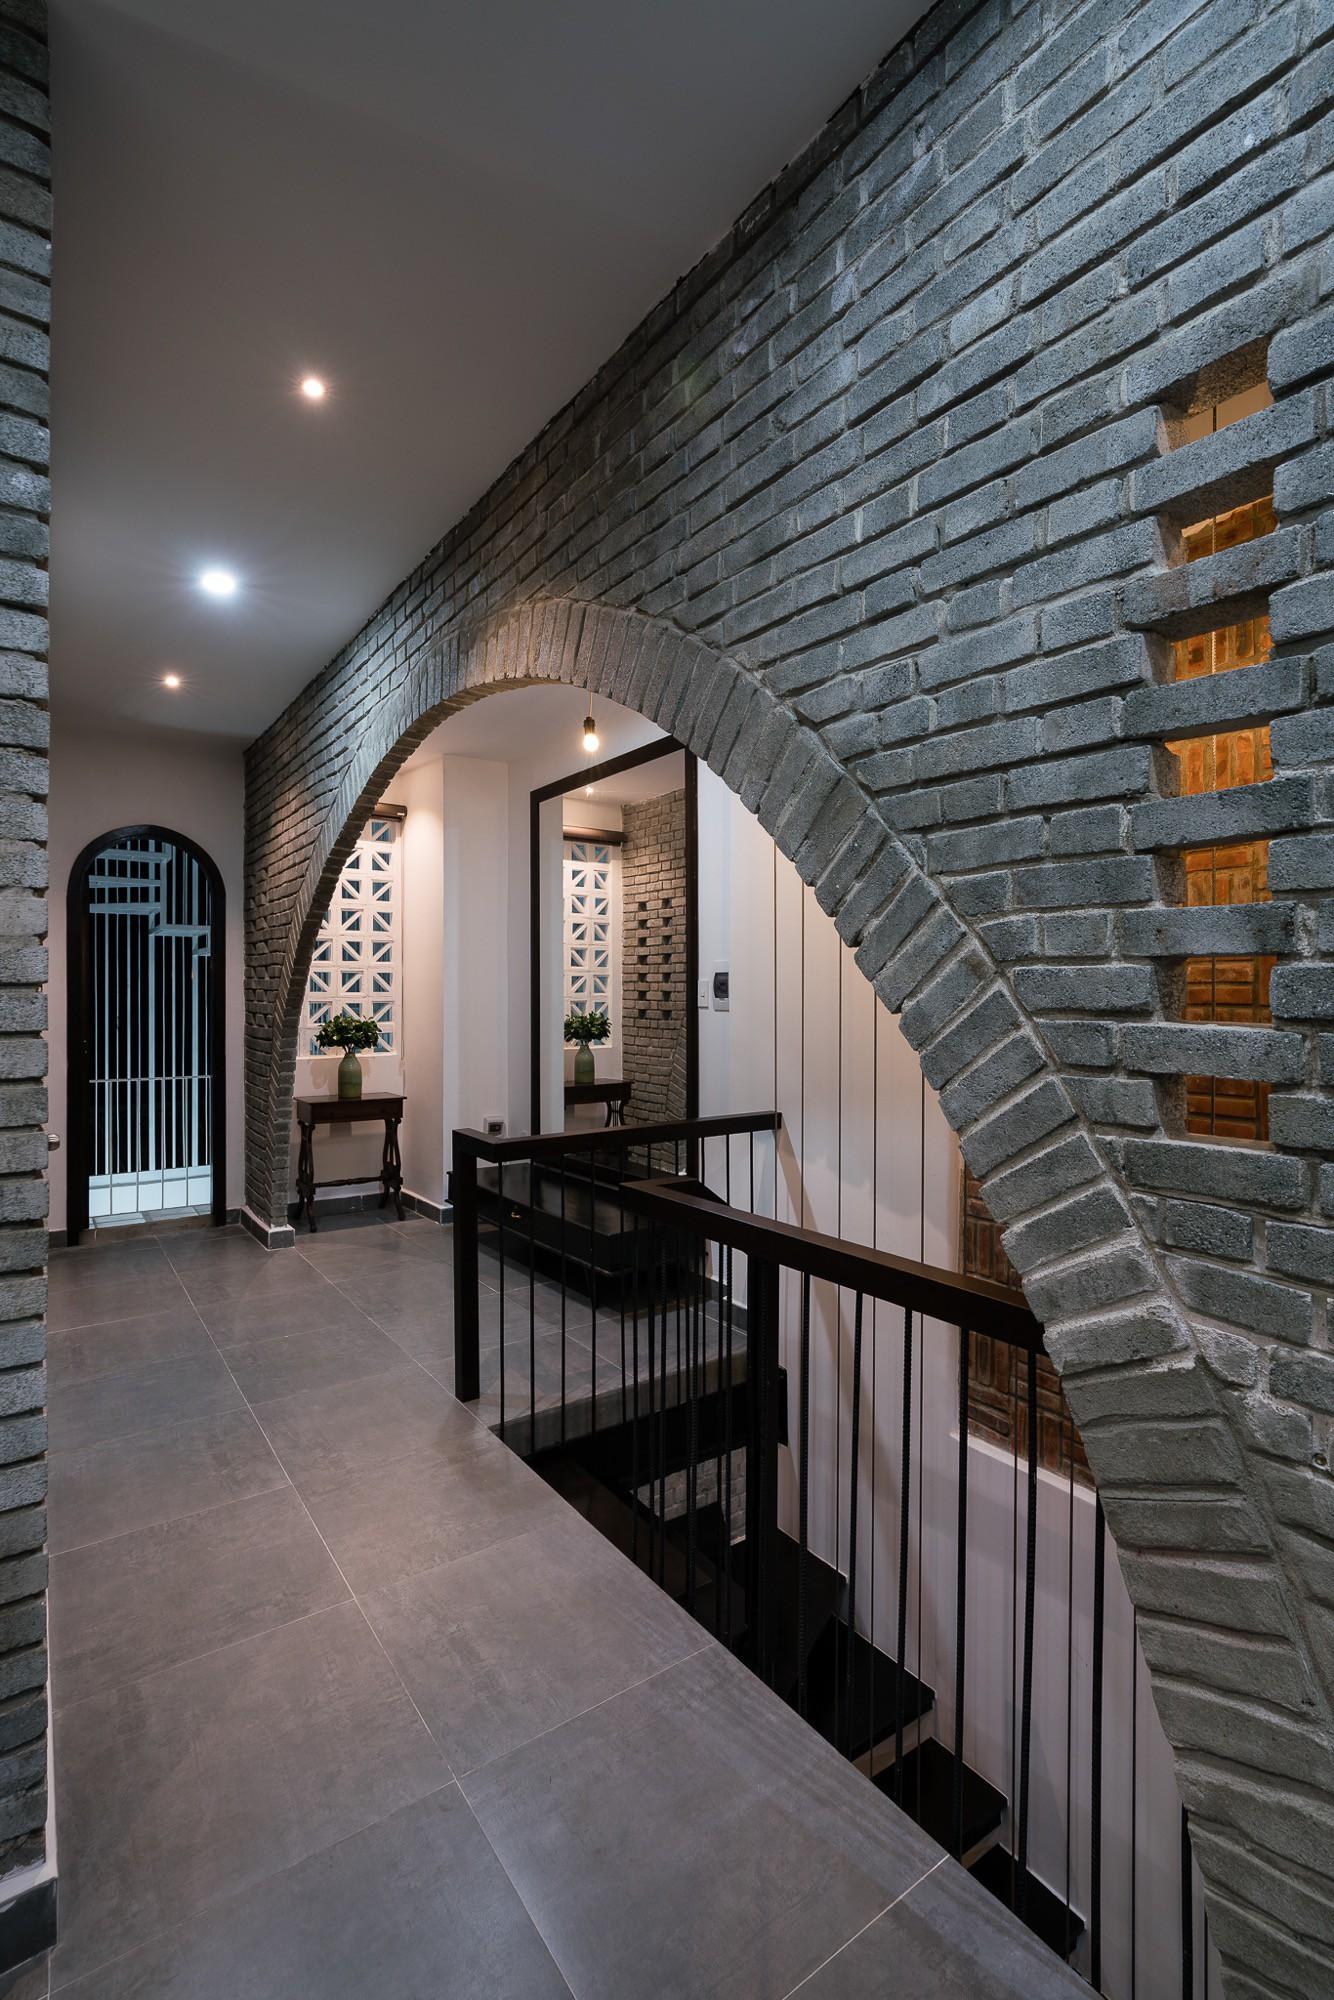 Ngôi nhà gạch 2 tầng của cặp vợ chồng già ở Đà Nẵng được tạp chí Mỹ xuýt xoa khen ngợi - Ảnh 13.